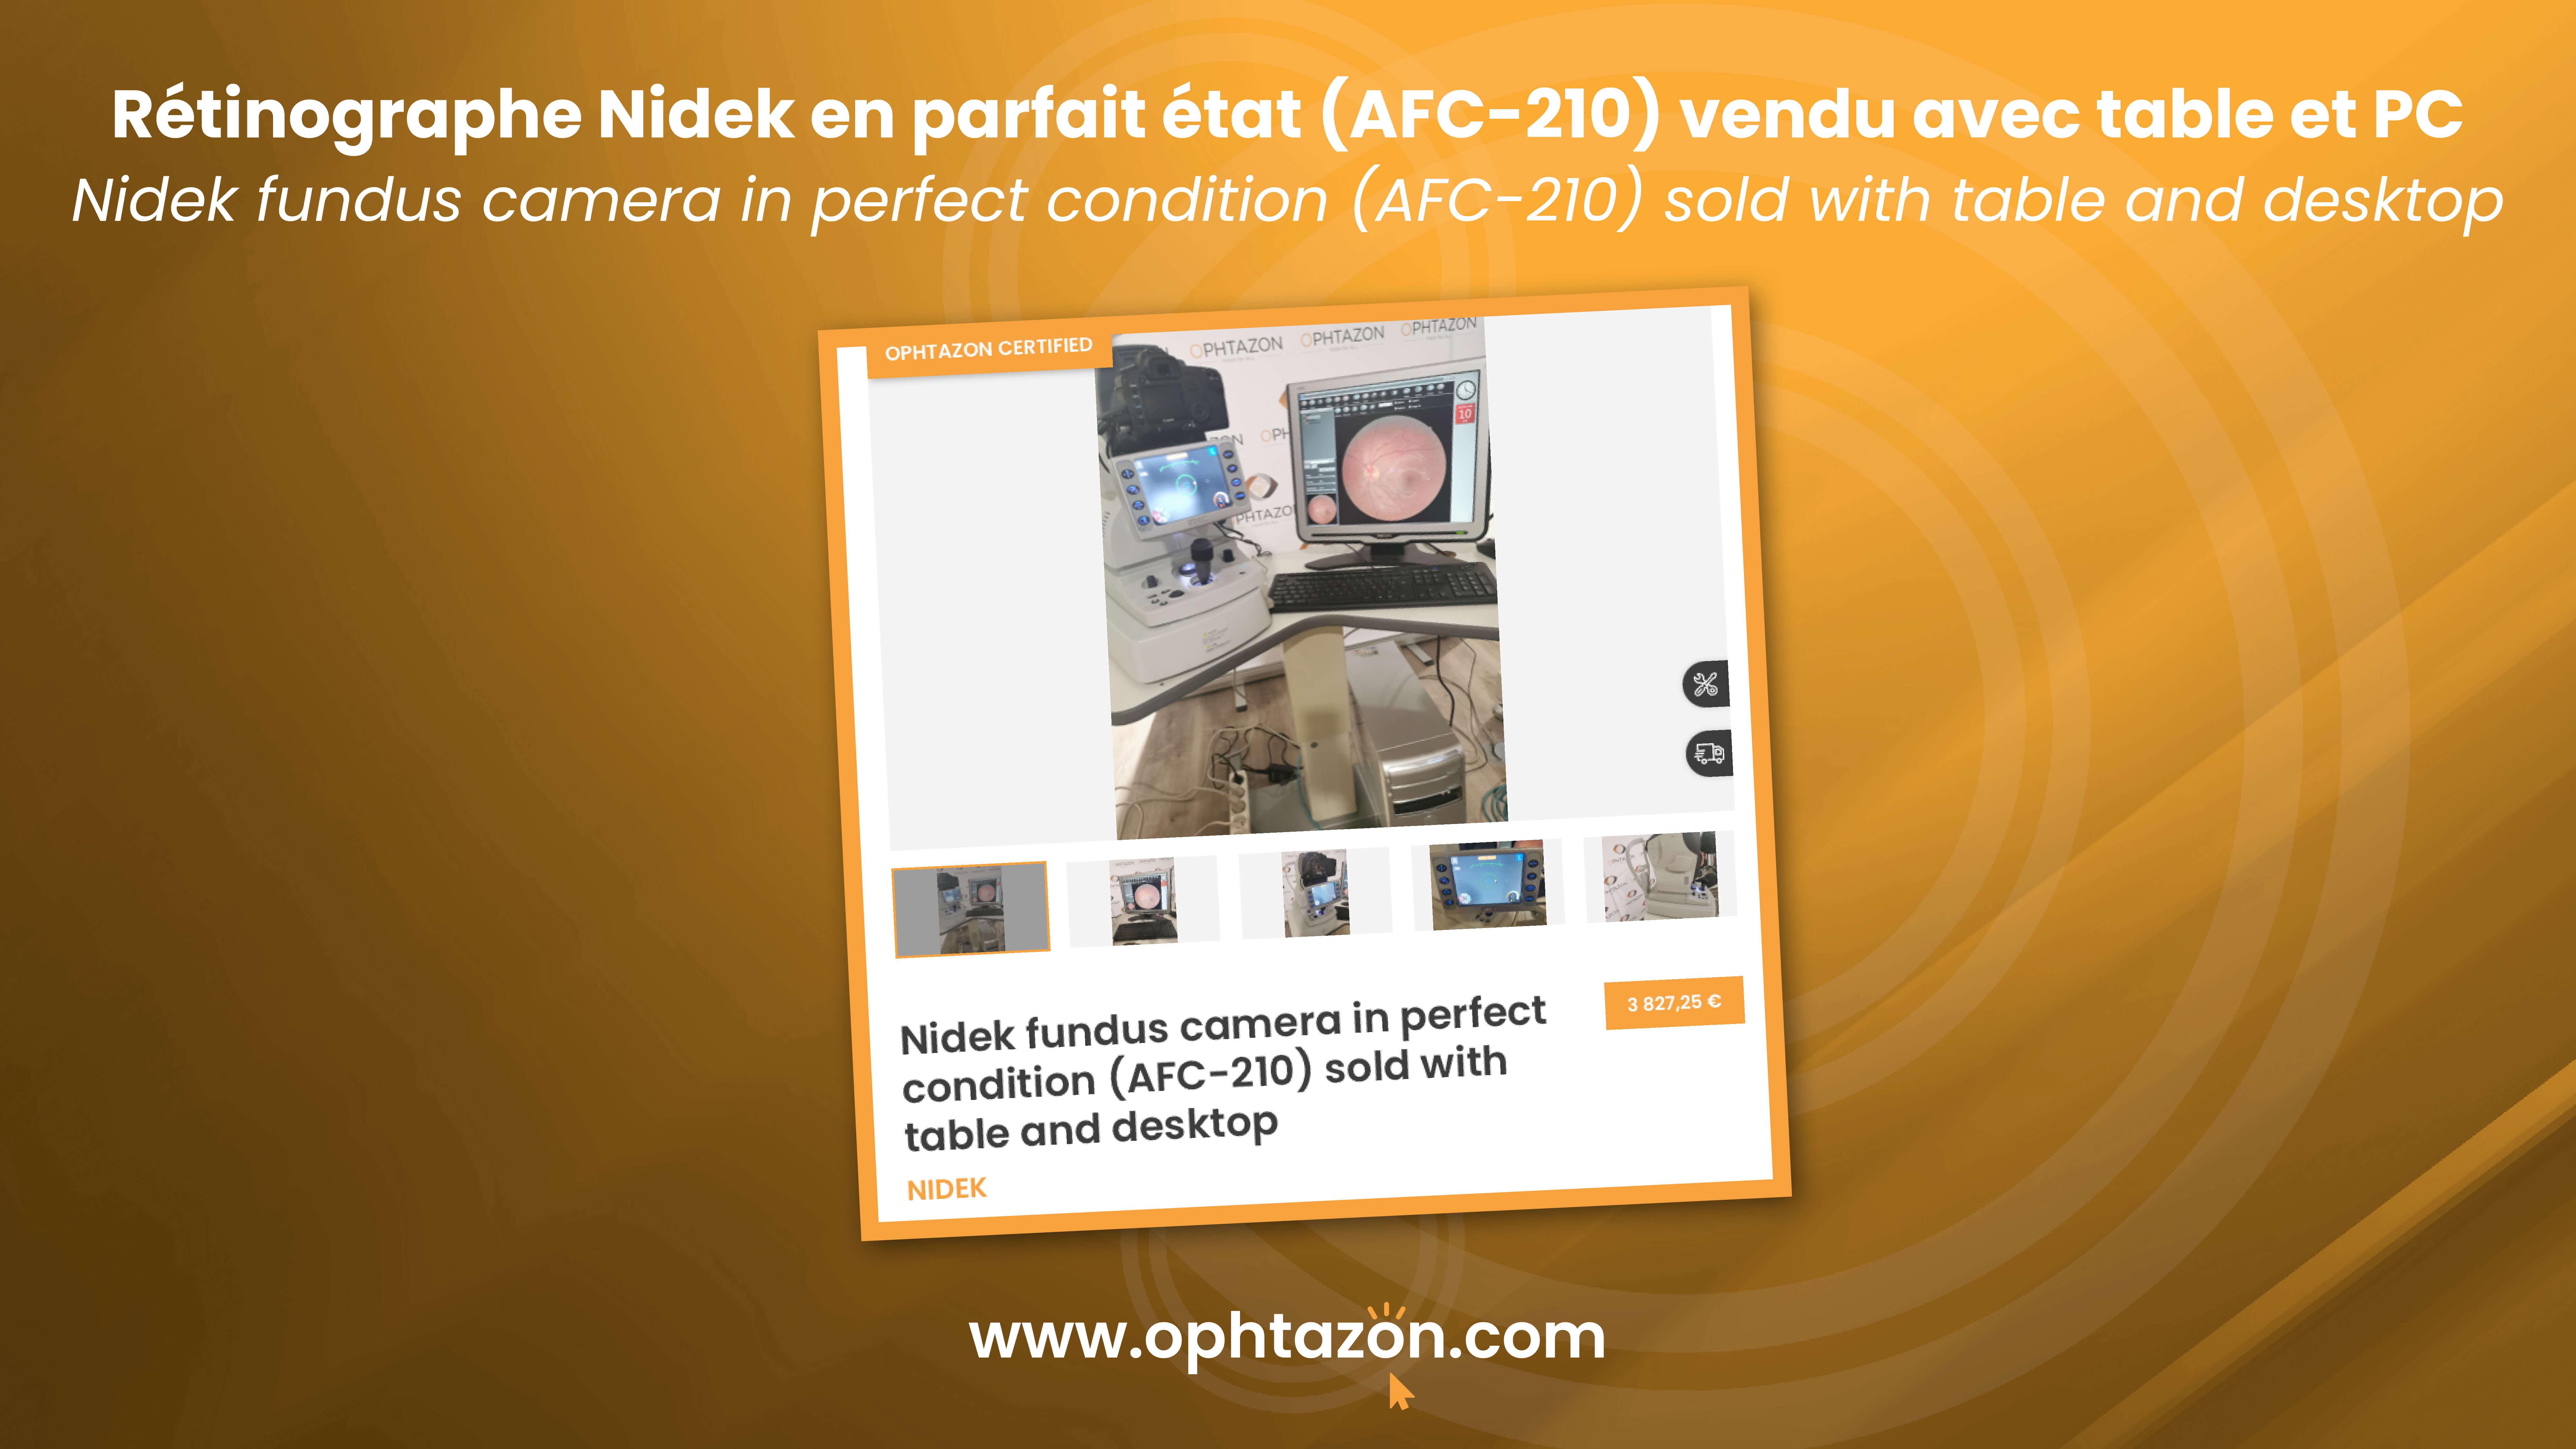 Le rétinographe Nidek en parfait état (AFC-210) vendu avec table et PC est disponible.